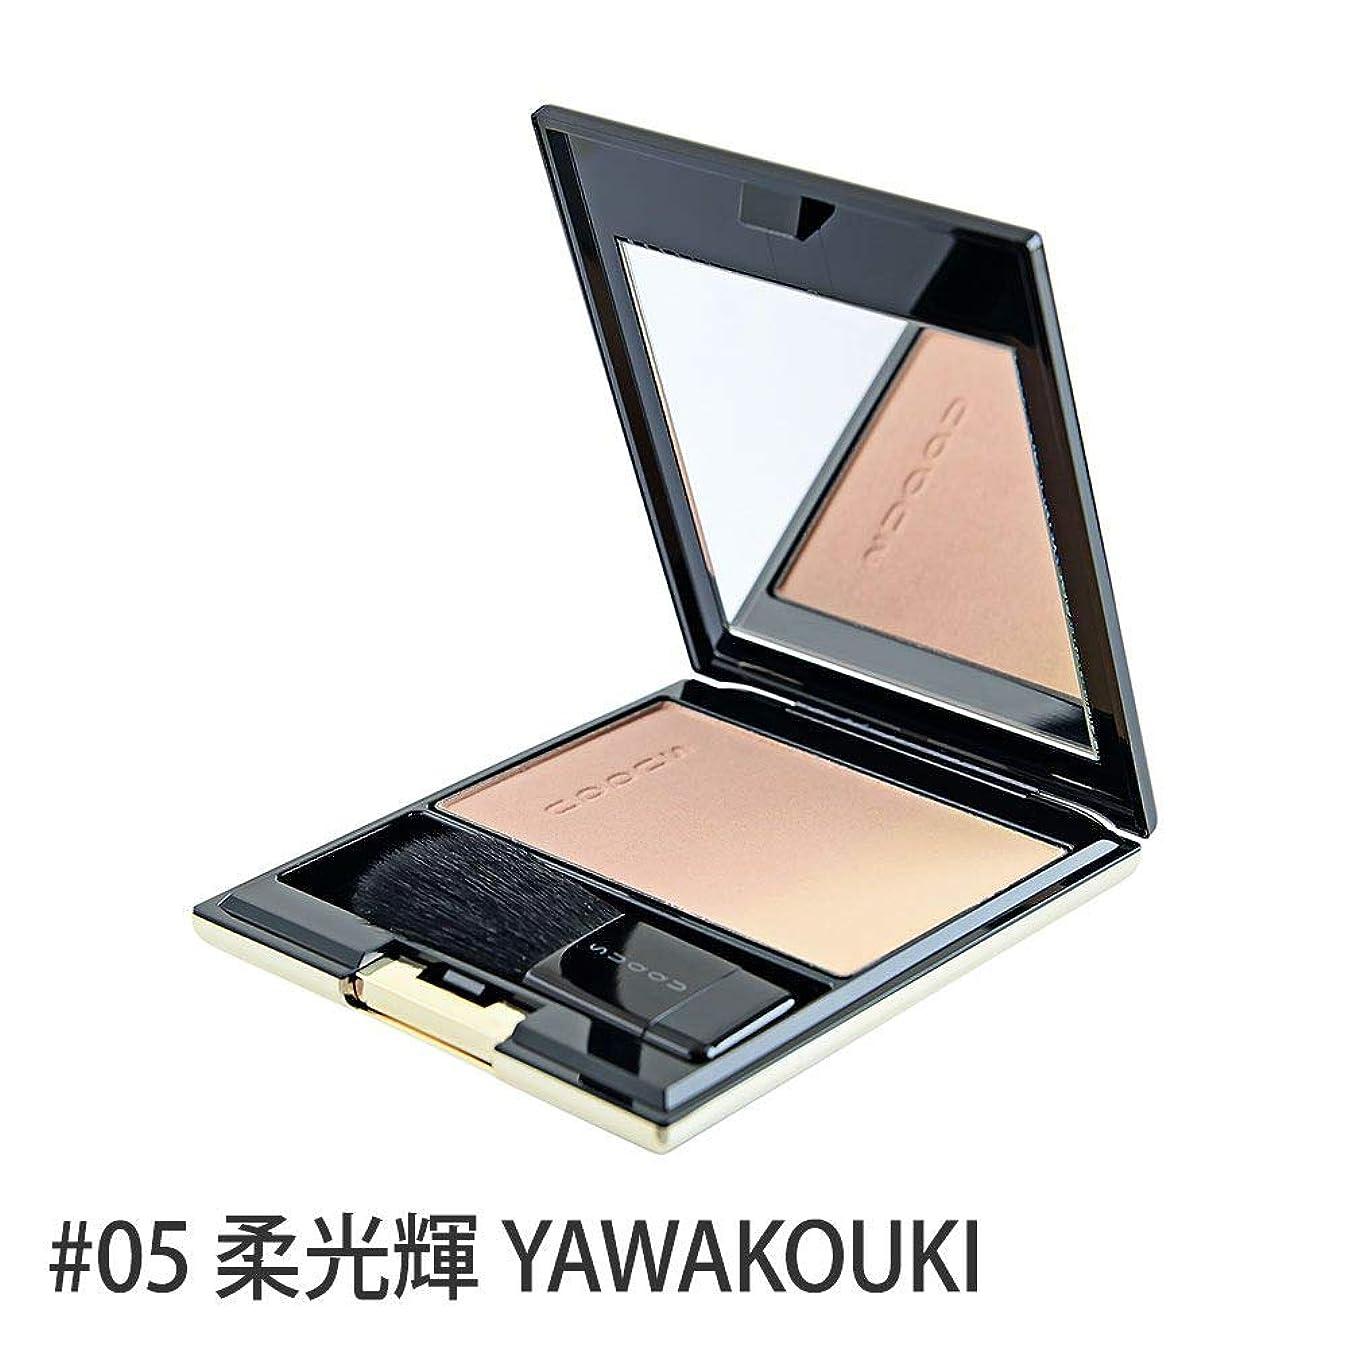 変換層ホイストSUQQU(スック) ピュア カラー ブラッシュ #05 柔光輝 YAWAKOUKI [並行輸入品]